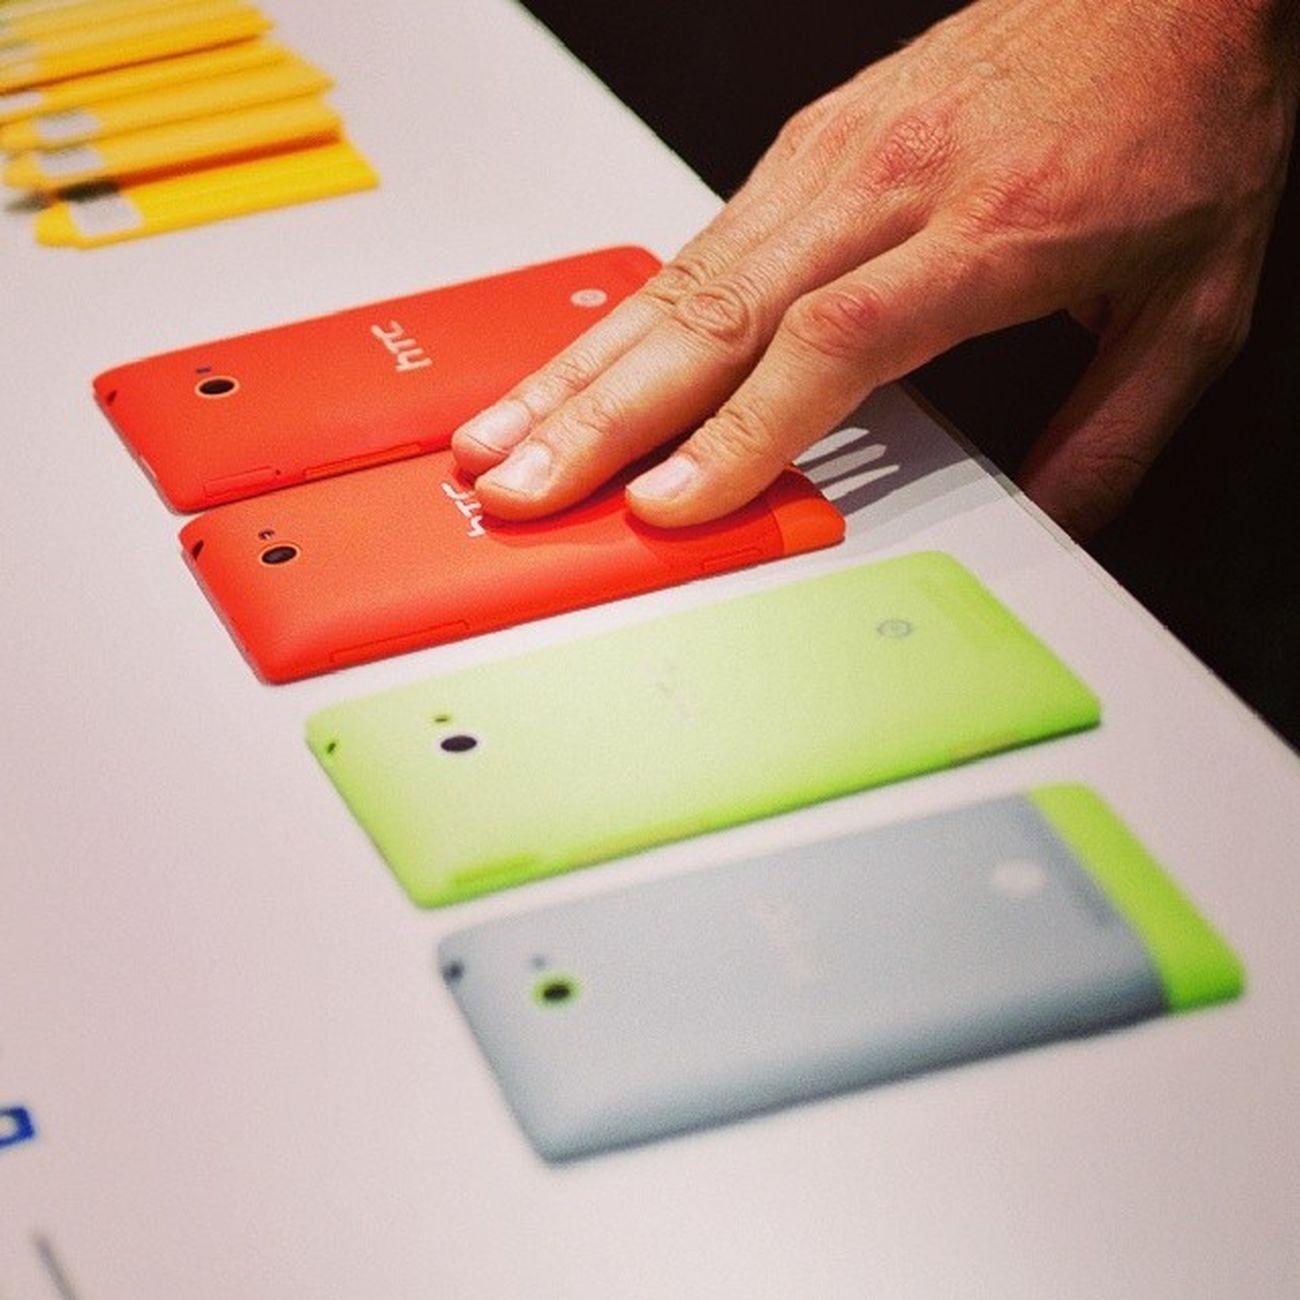 Красный или салатовый - вот в чем вопрос. HTC Htc8x Htc8s WP8